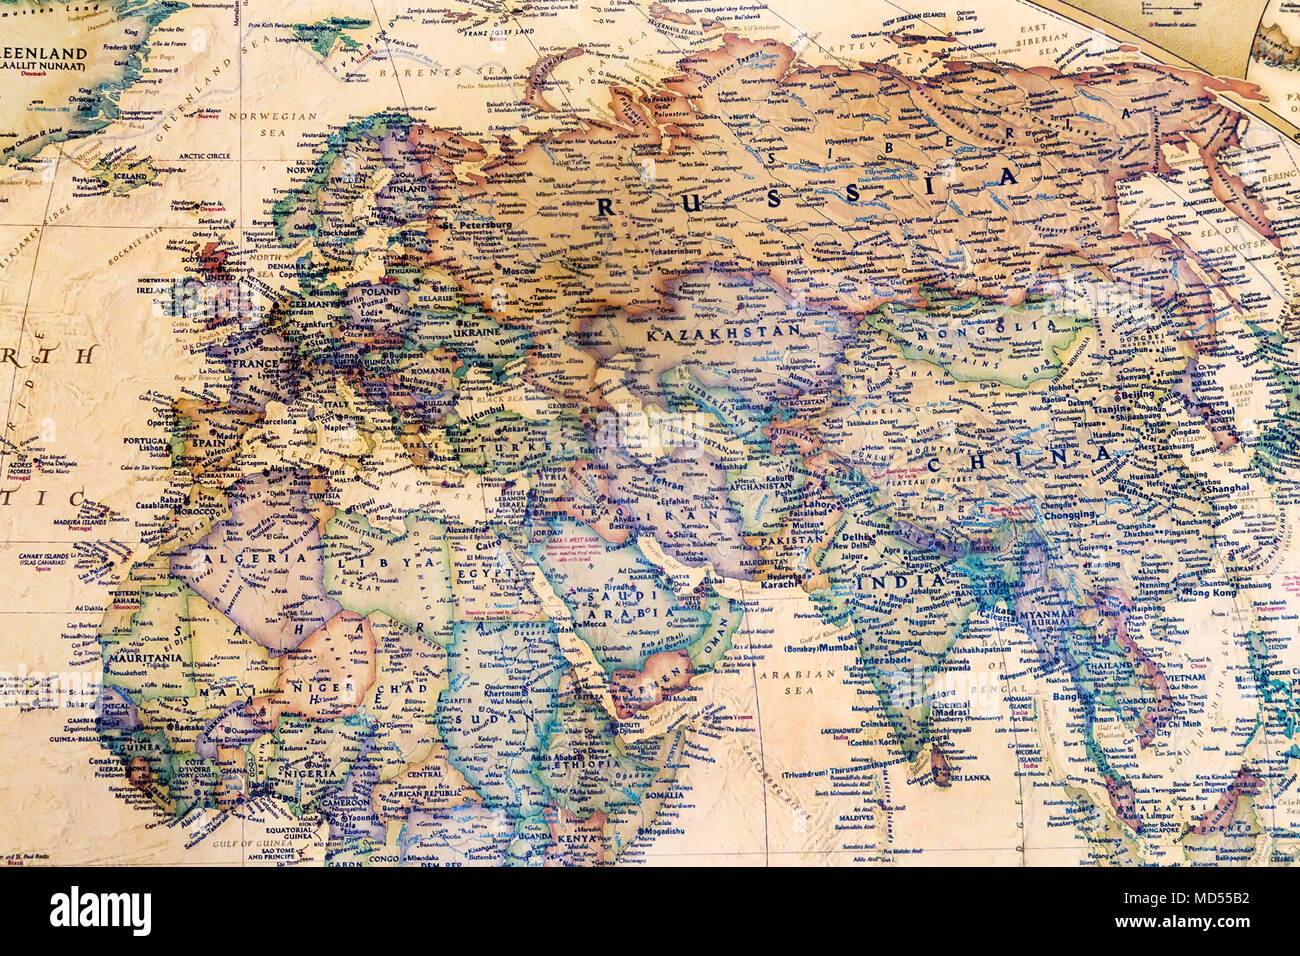 Carte Du Monde Détaillée partie d'une carte du monde détaillée, qui dépeint les continents